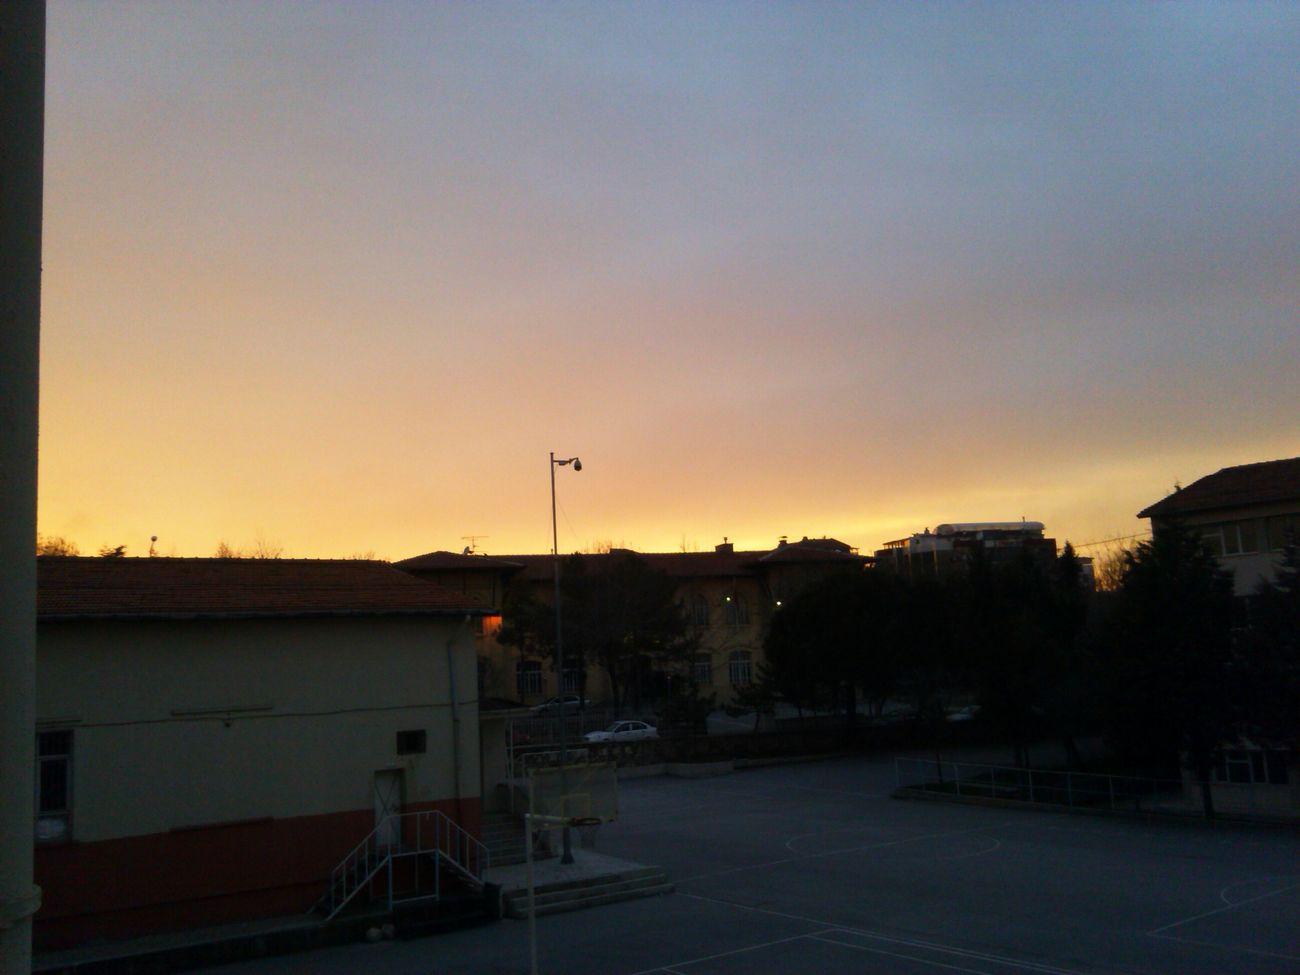 Güneş batarken de doğarkende güzelliğiyle büyüler bizi... Çünkü batarken arkasında karanlıgı ve karanlığın içinde parlayan yıldızları bırakır kötü günlerimizin umut ışıklarıdır onlar ve doğarken de karanlığı aydınlatır ve kötü günlerin bittiğini anımsatır bize... Sun Ufuk Akşam